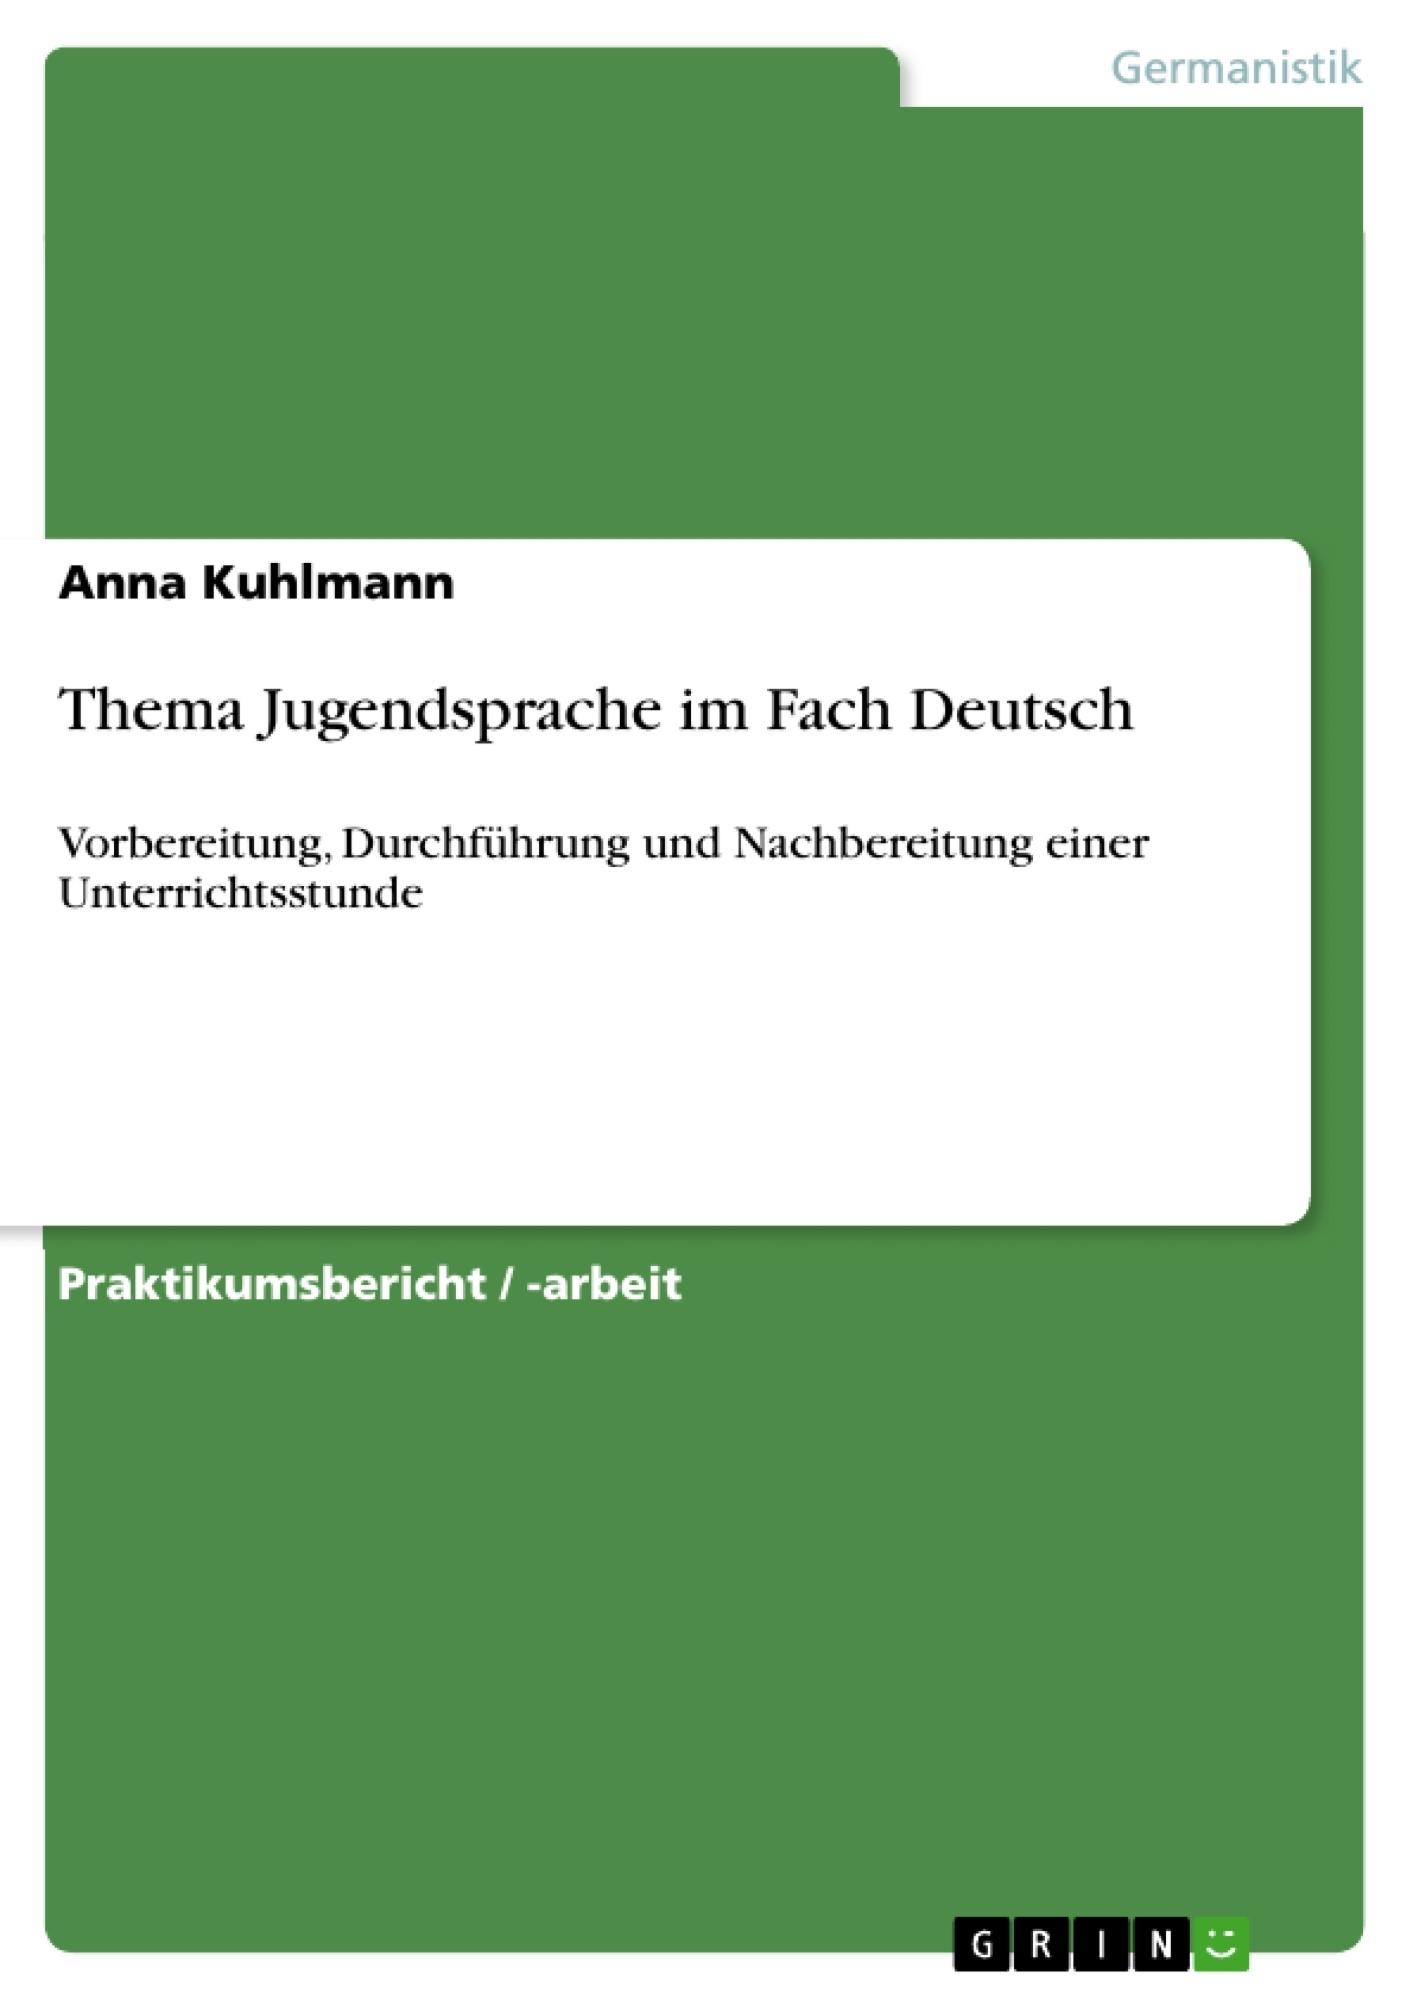 Titel: Thema Jugendsprache im Fach Deutsch